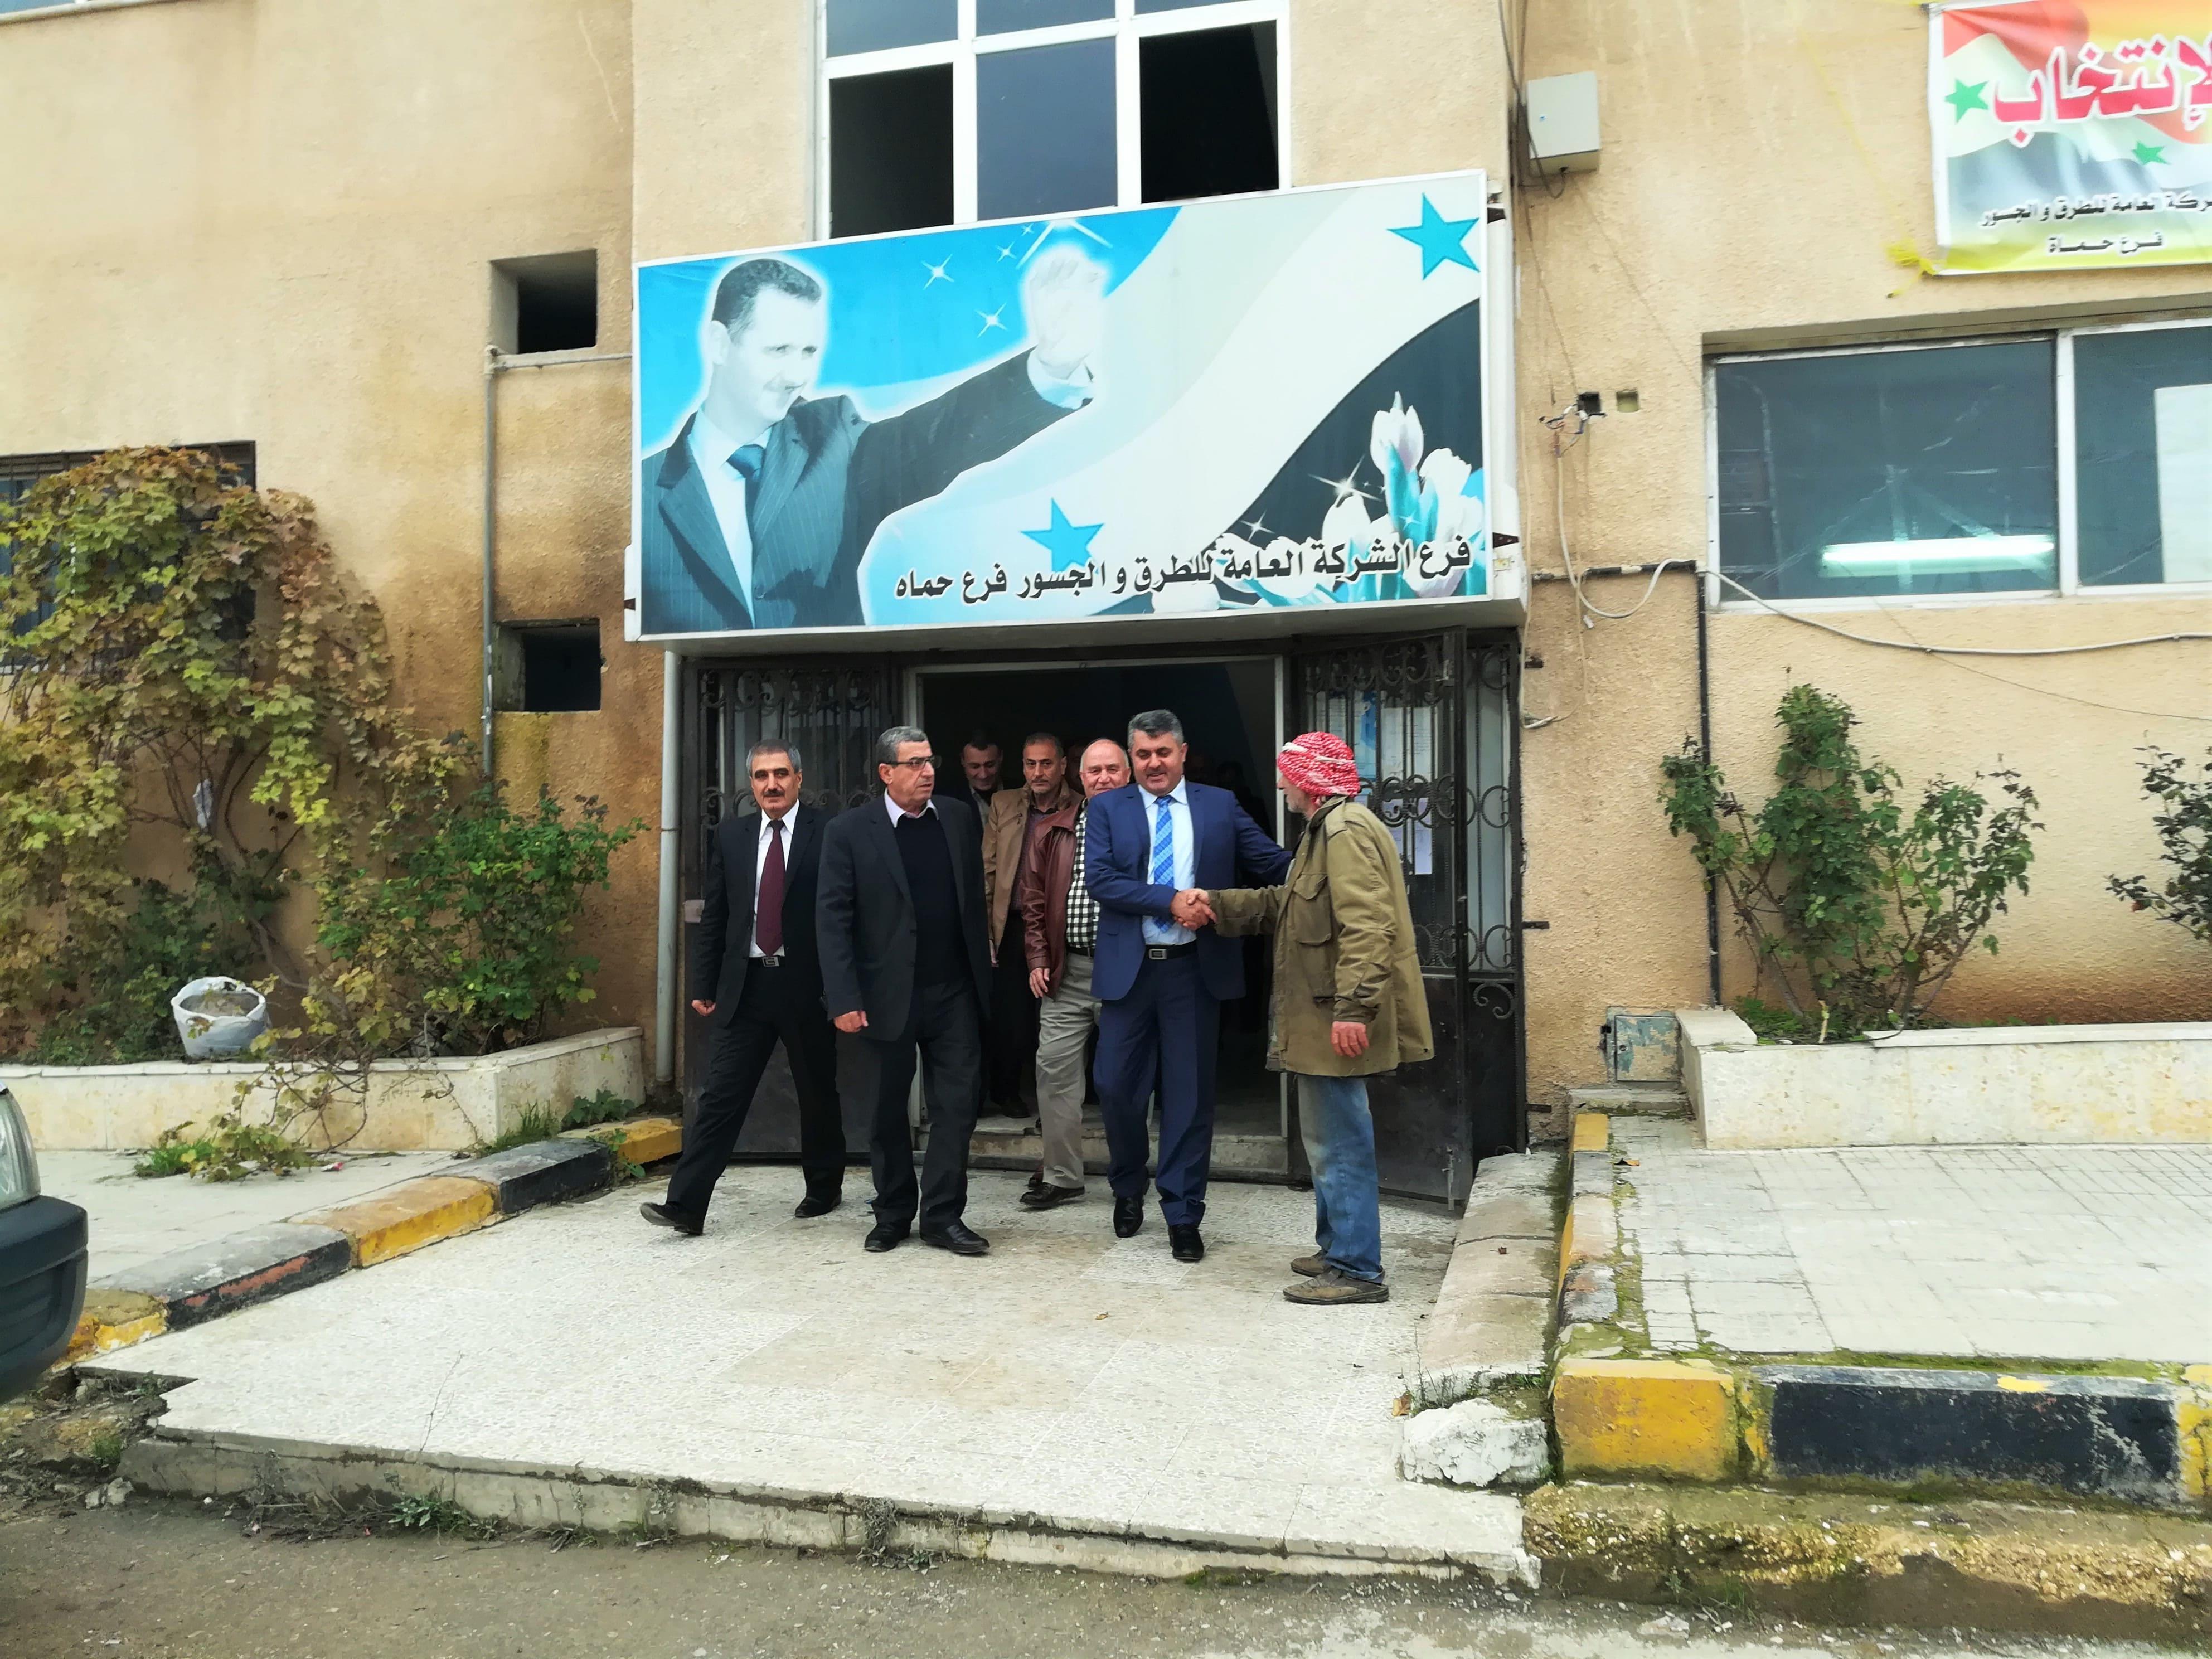 السيد المدير العام المهندس محمد عاصي في لقاء كوادر فرع حماه